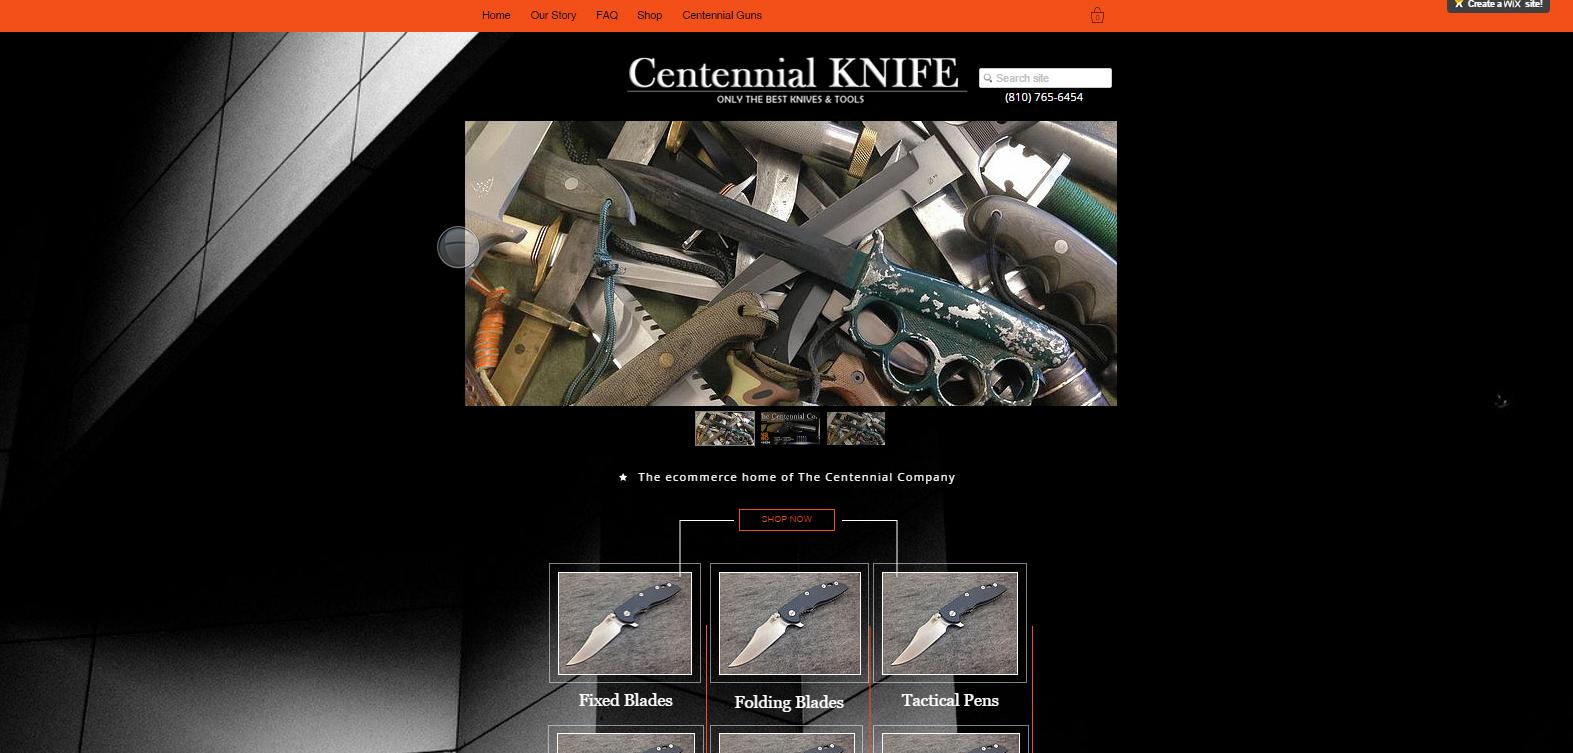 Centennial Knife